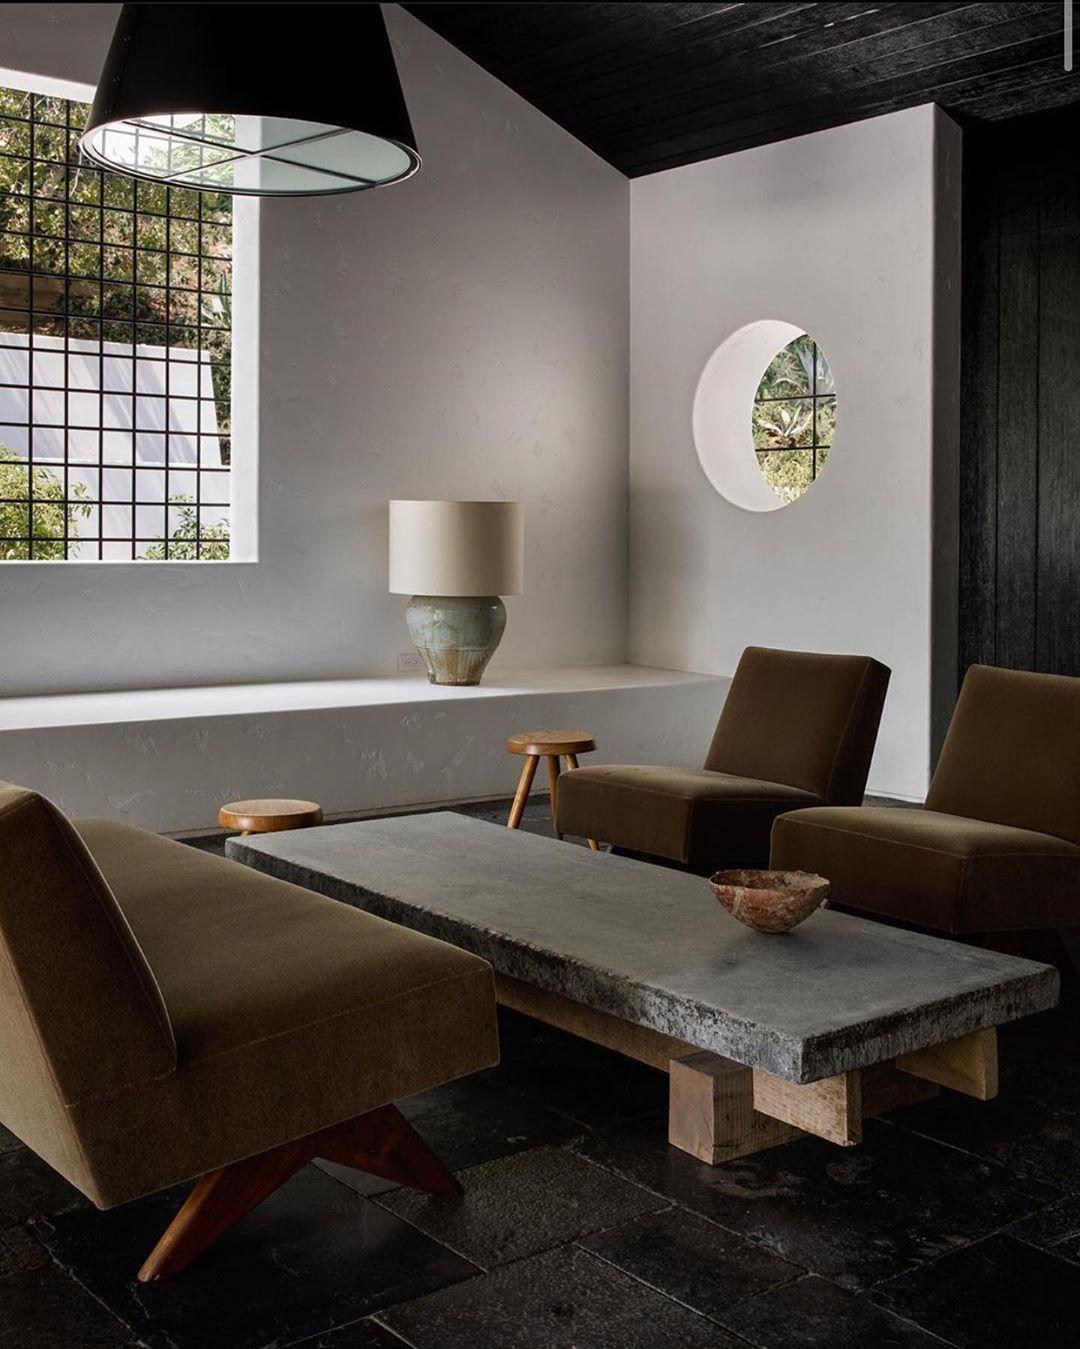 """Marc Costa on Instagram: """"#interiors #interiordesign #design #pierrejeanneret #midcenturymodern #frenchmodernism @trevorcheney_ #architecture #losangeles #homedecor…"""""""